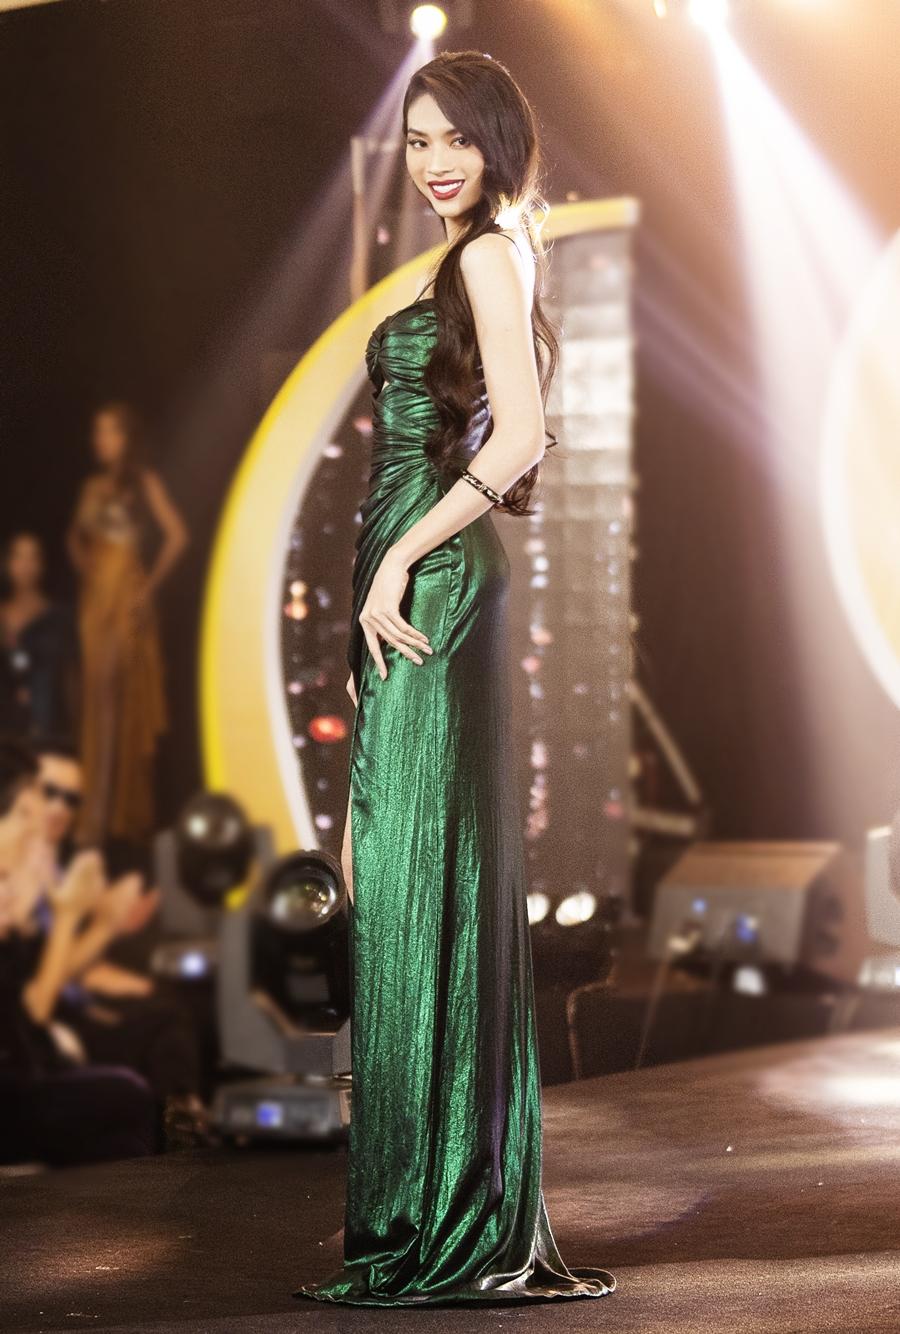 Mộng Thường được Cindy Thái Tài khen có vóc dáng hoa hậu và nỗ lực trong từng phần thi. Người đẹp sinh năm 1995, cao 1,76 m, nặng 50 kg, số đo 77 - 59 - 87 cm. Cô được đánh giá là ứng viên cho ngôi vị quán quân.